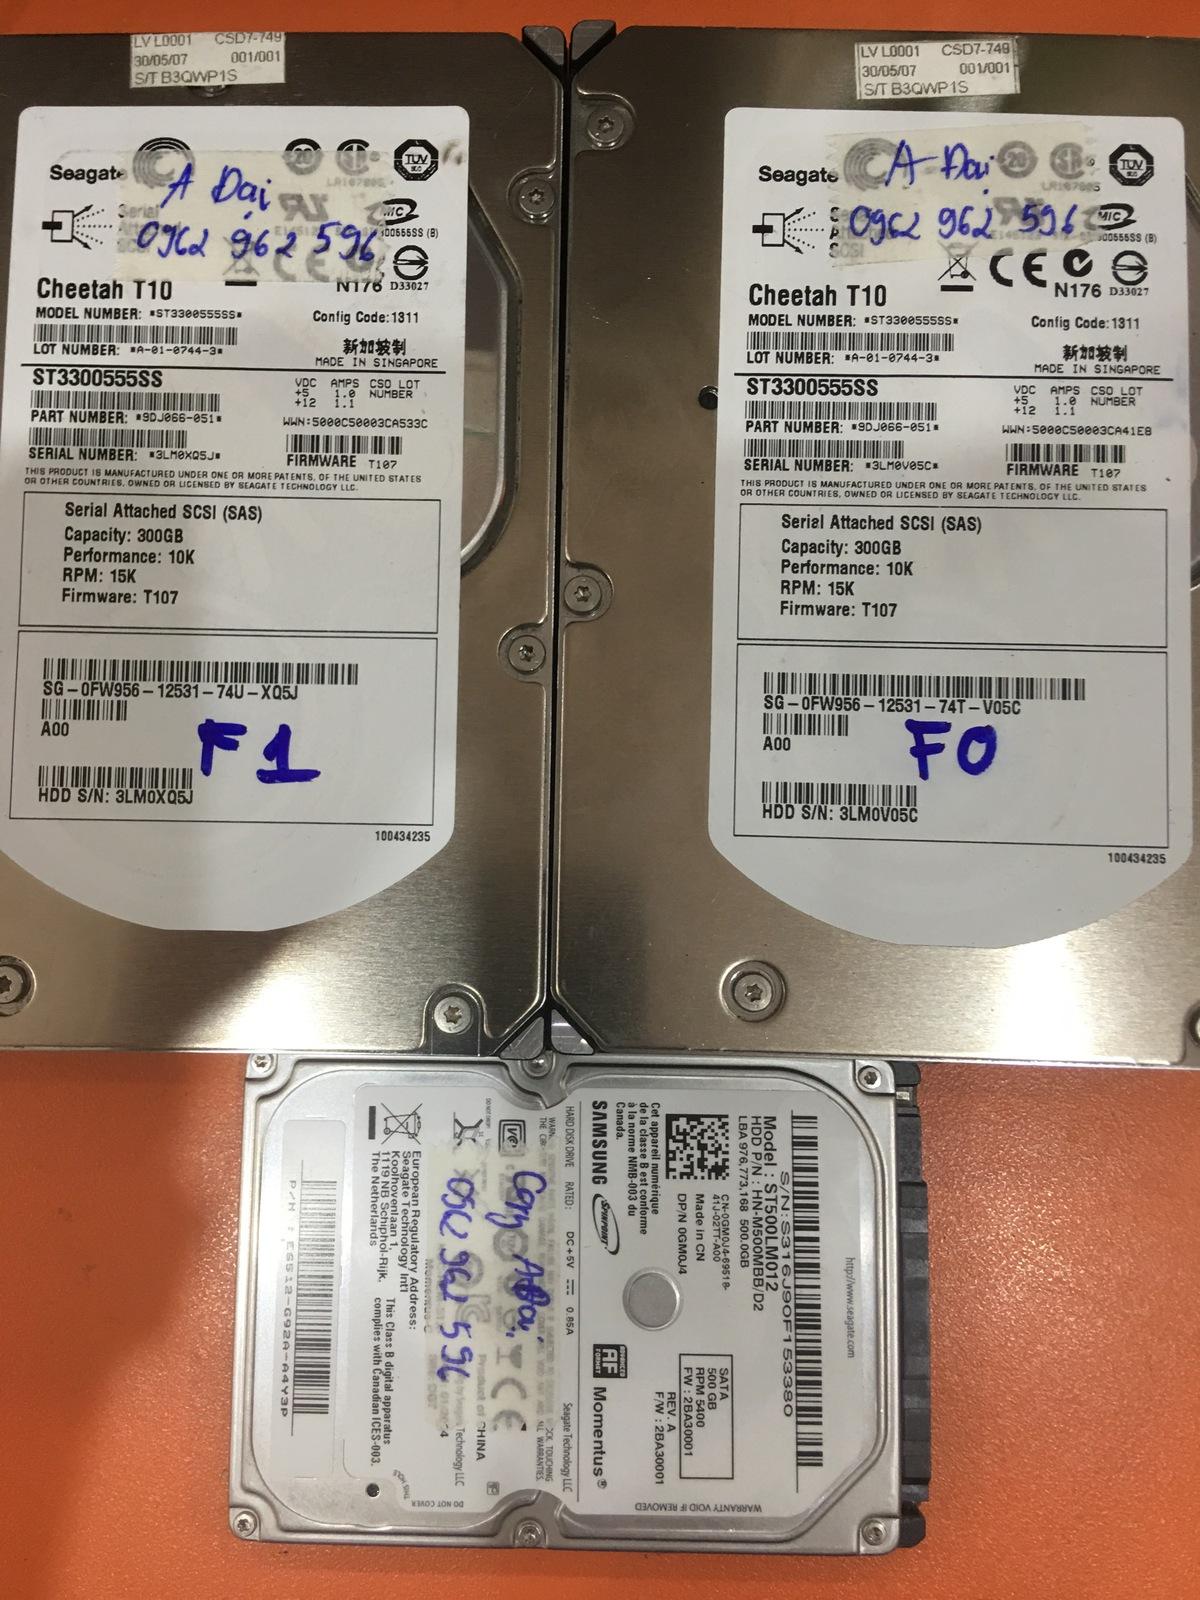 Phục hồi dữ liệu máy chủ sử dụng 2HDDx300GB mất cấu hình raid 25/04/2020 - cuumaytinh